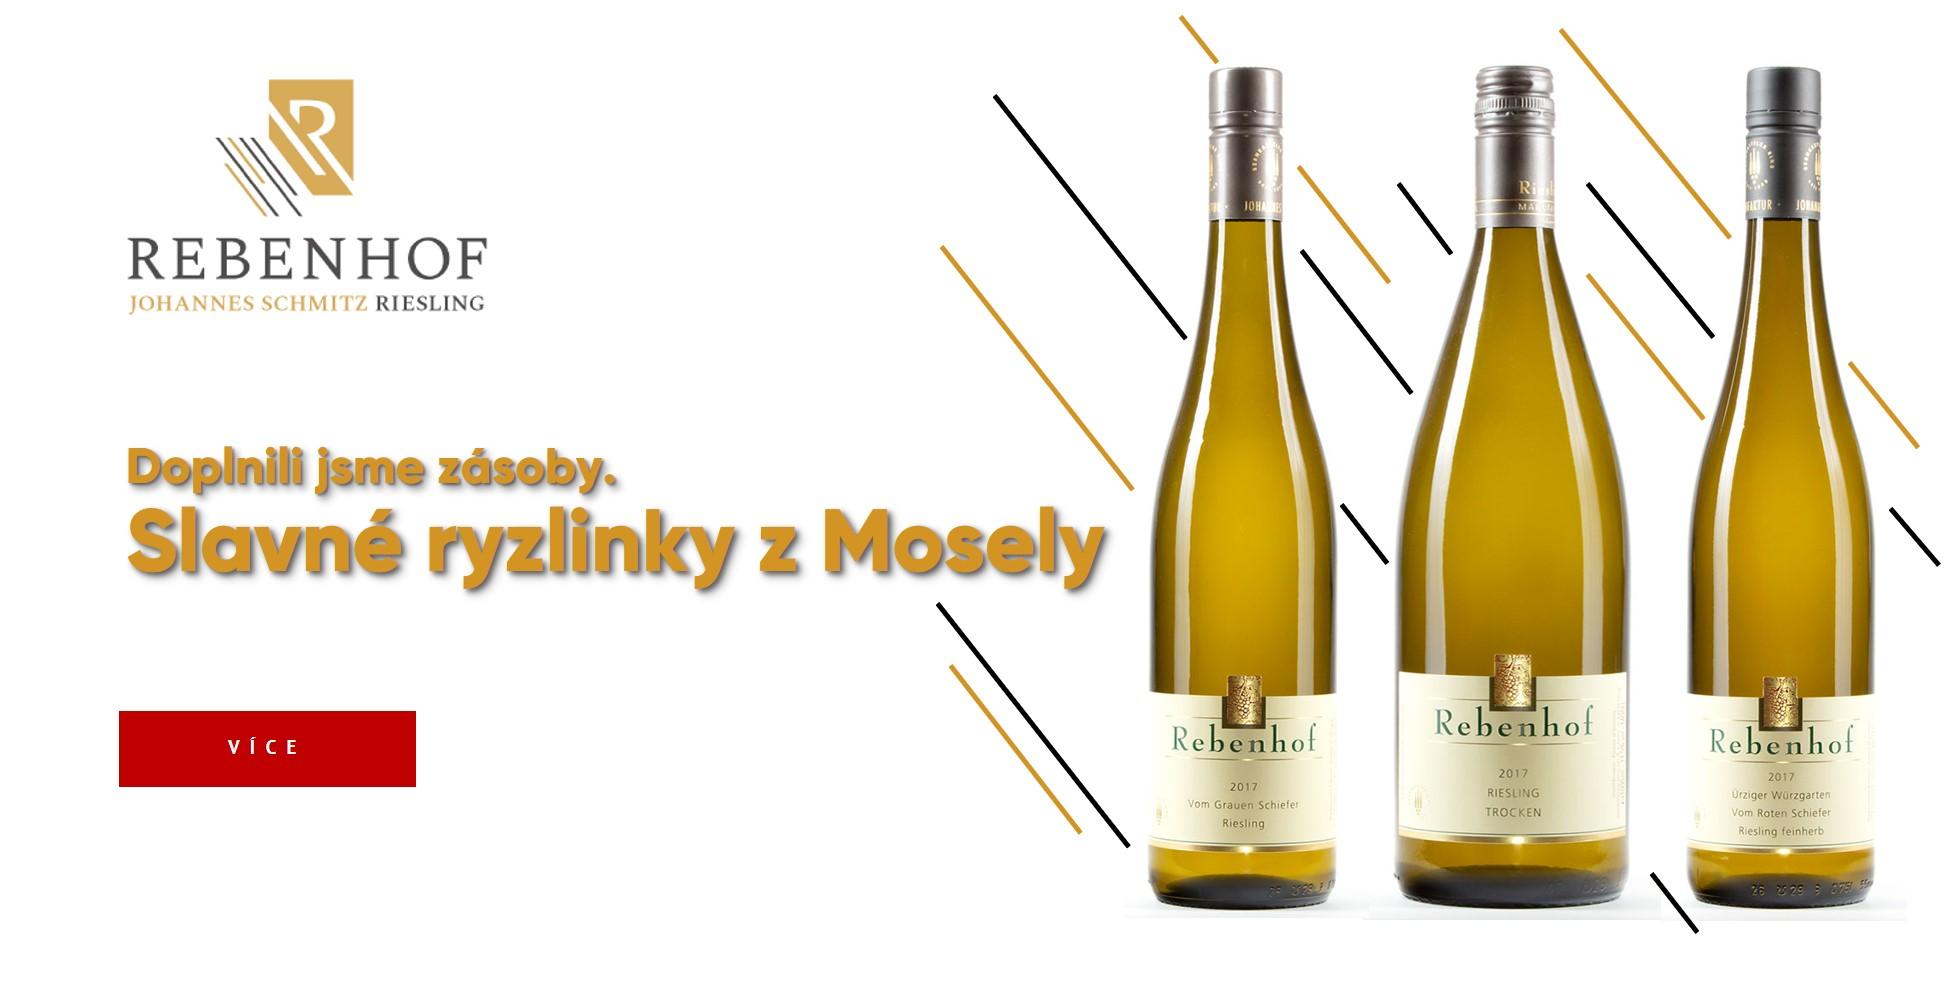 Slavná vína z Mosely